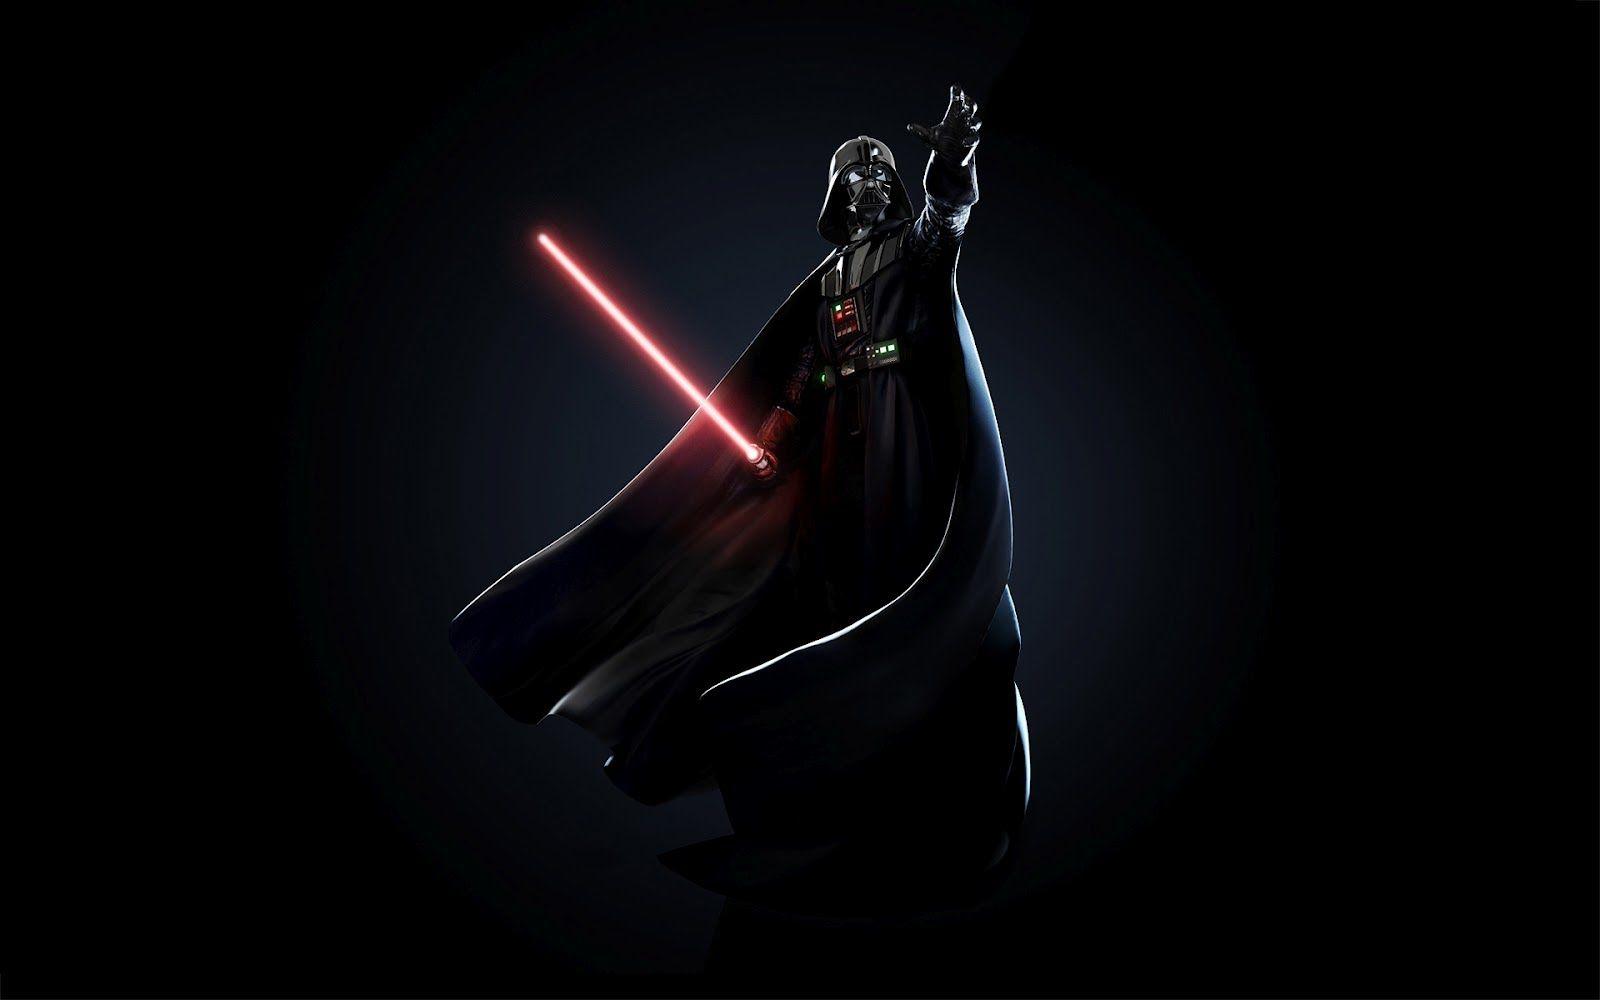 Star Wars Wallpaper Full Hd Star Wars Wallpaper Darth Vader